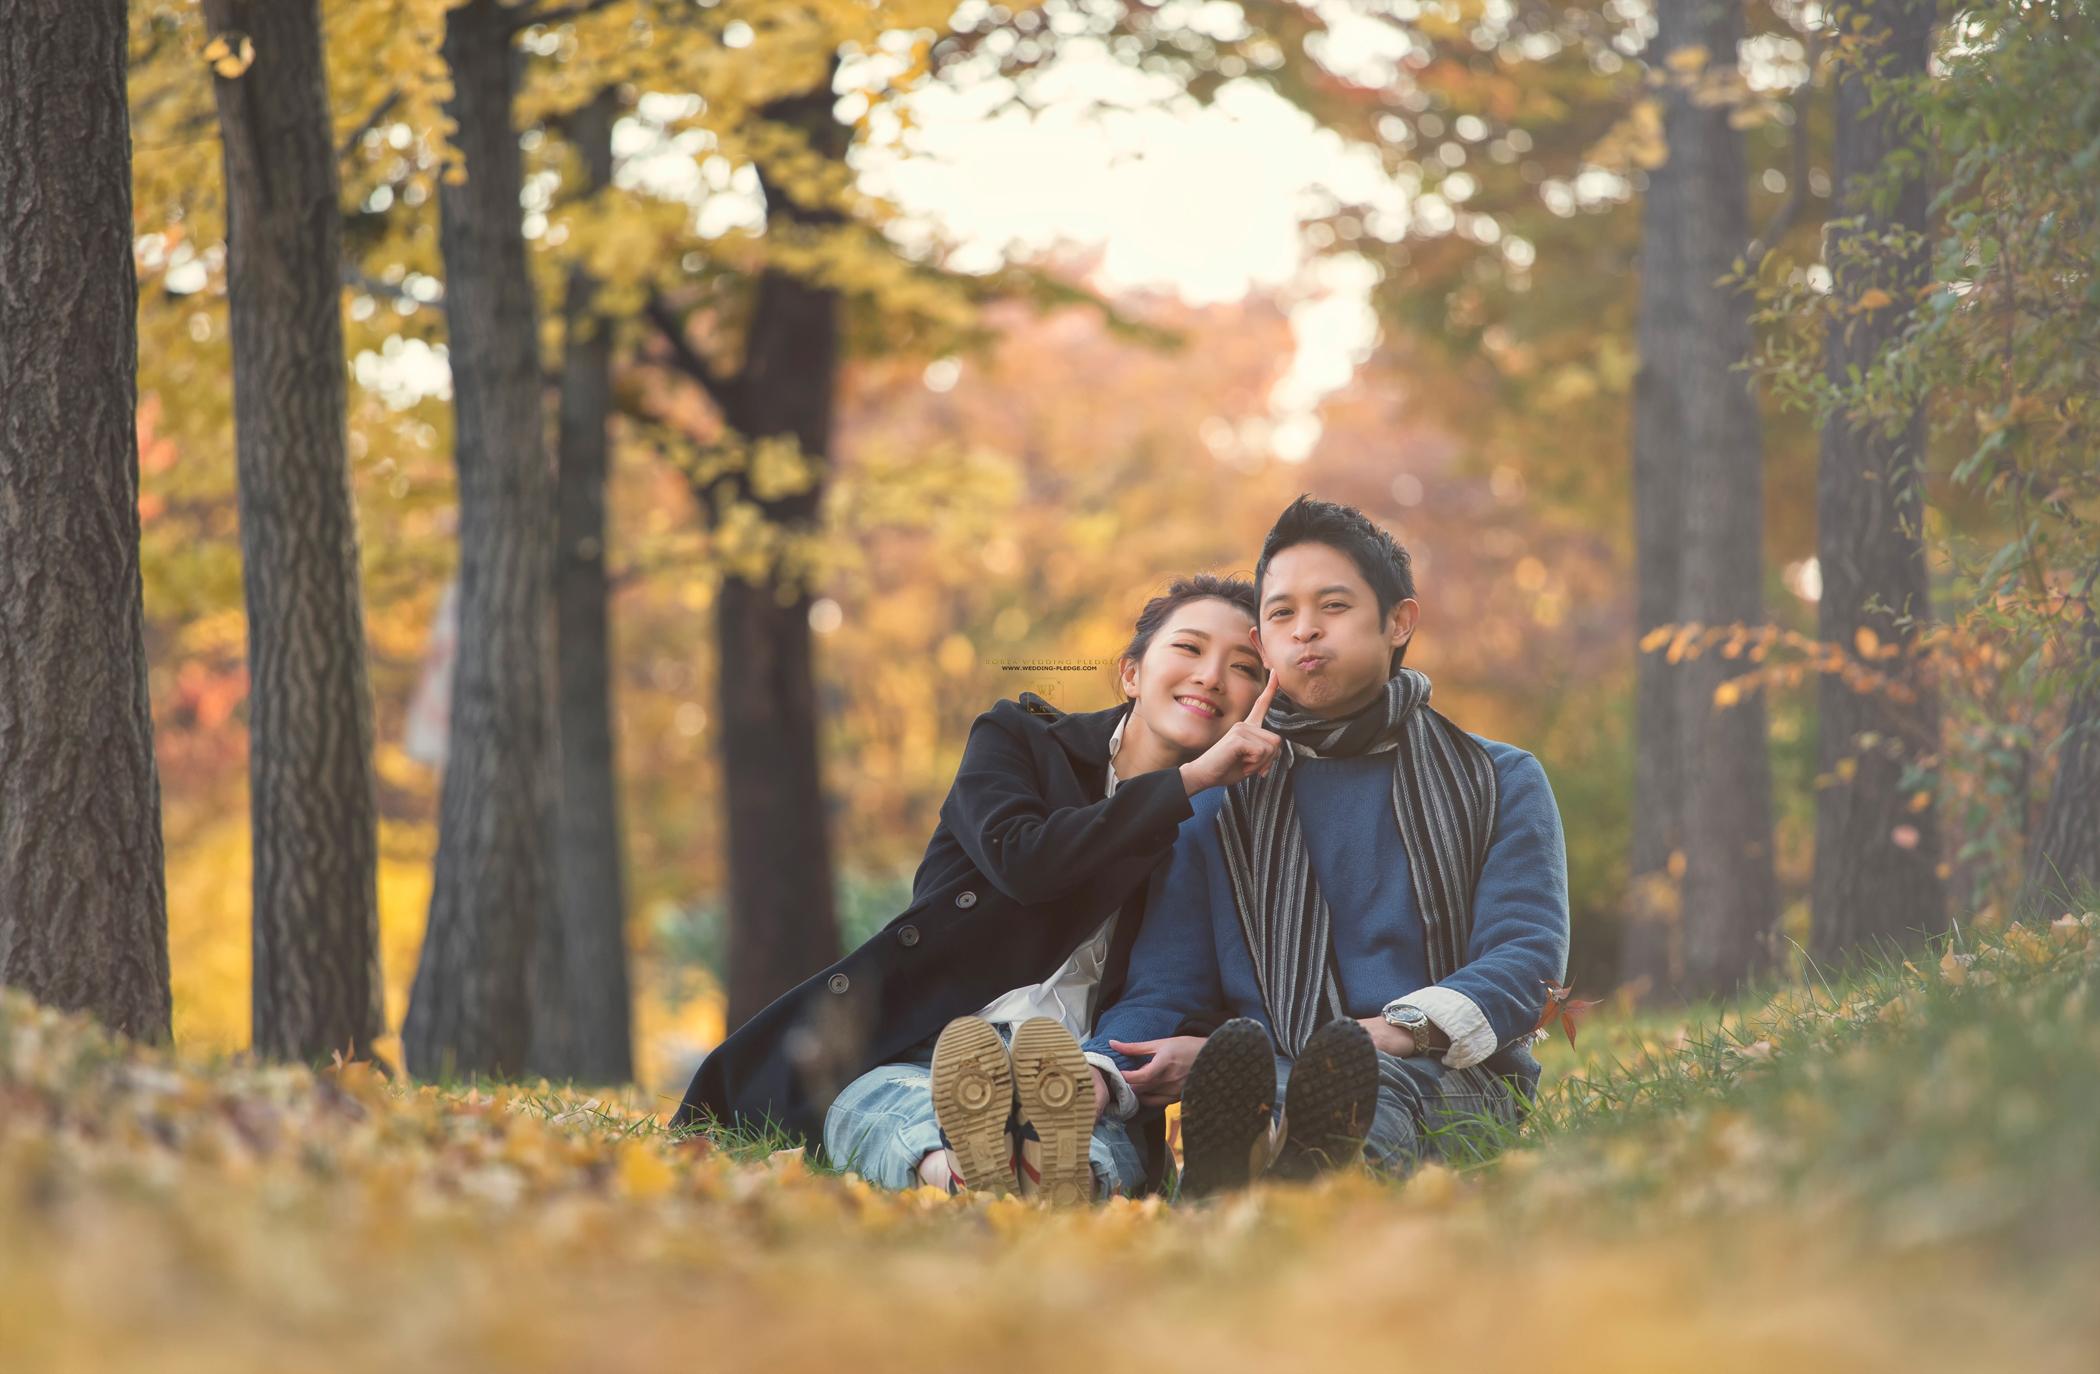 别浪费了秋季的绚烂景色 秋天婚纱照欣赏【9】